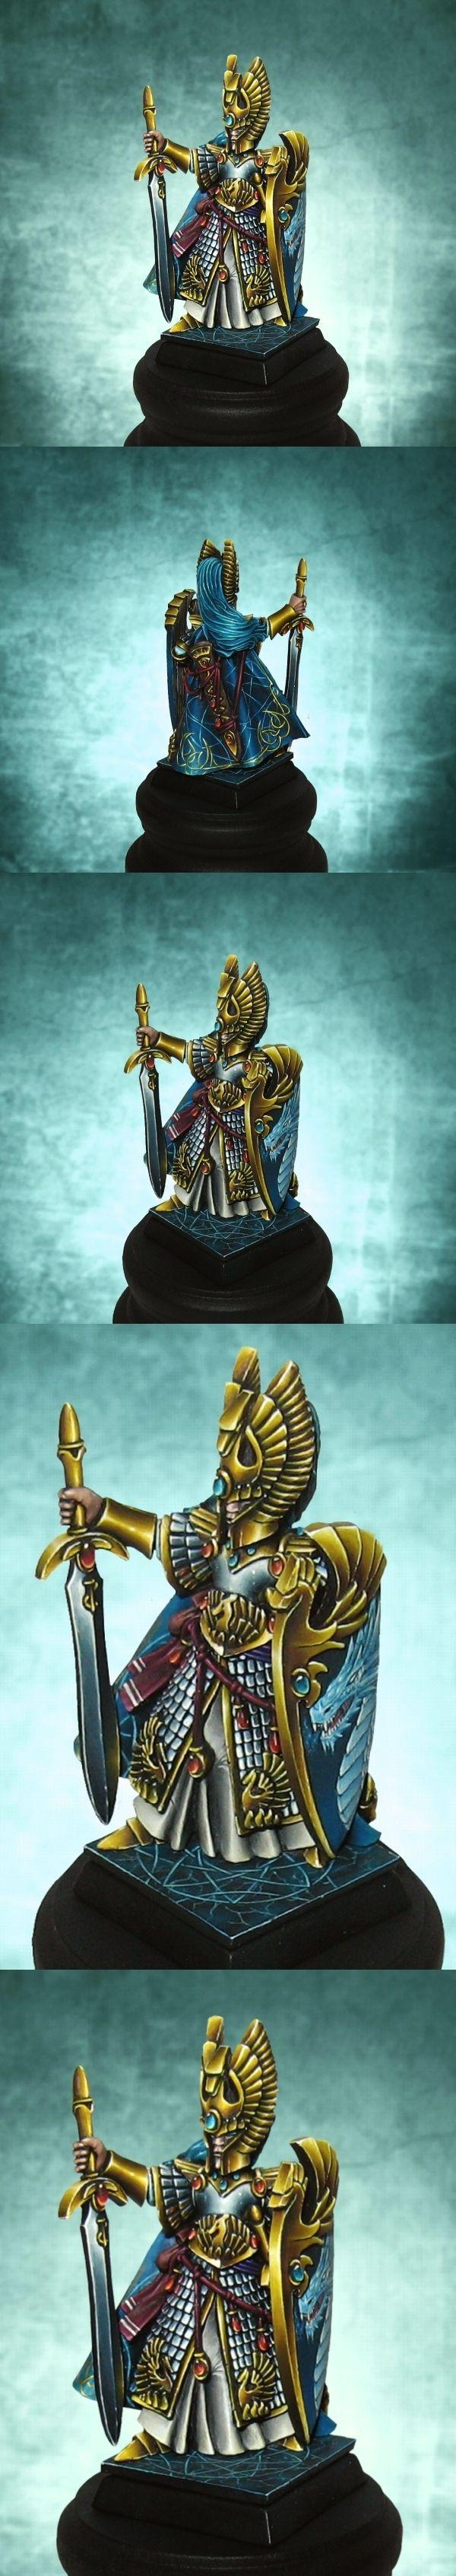 Galerie Inspiration mais aussi juste pour se faire plaisir... - Warhammer Forum - Page 7